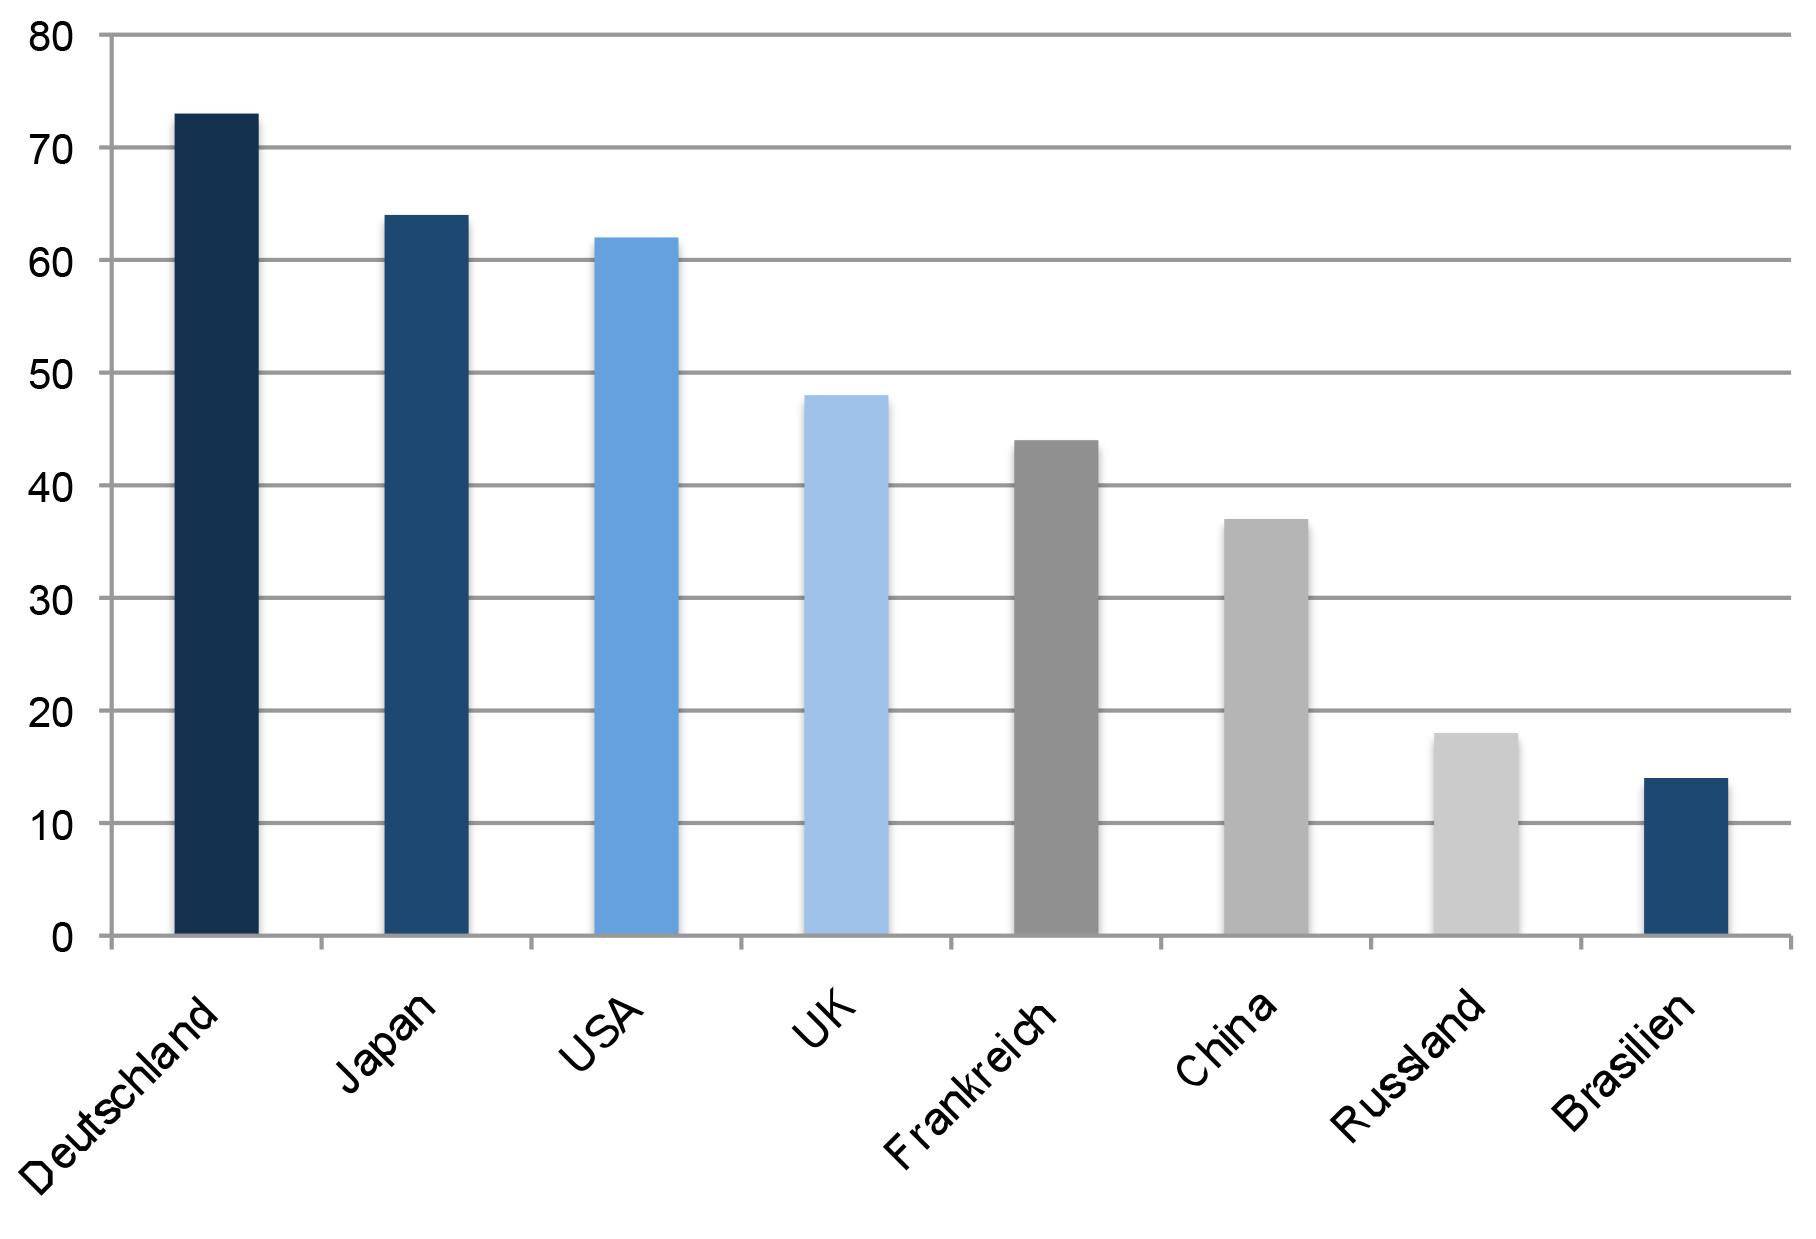 Quelle: http://www.scope-online.de/news/studie--deutscher-industrie-4-0-index-deutsche-wirtschaft-haelt-sich-fuer--industrie-4-0--weltmeister.htm